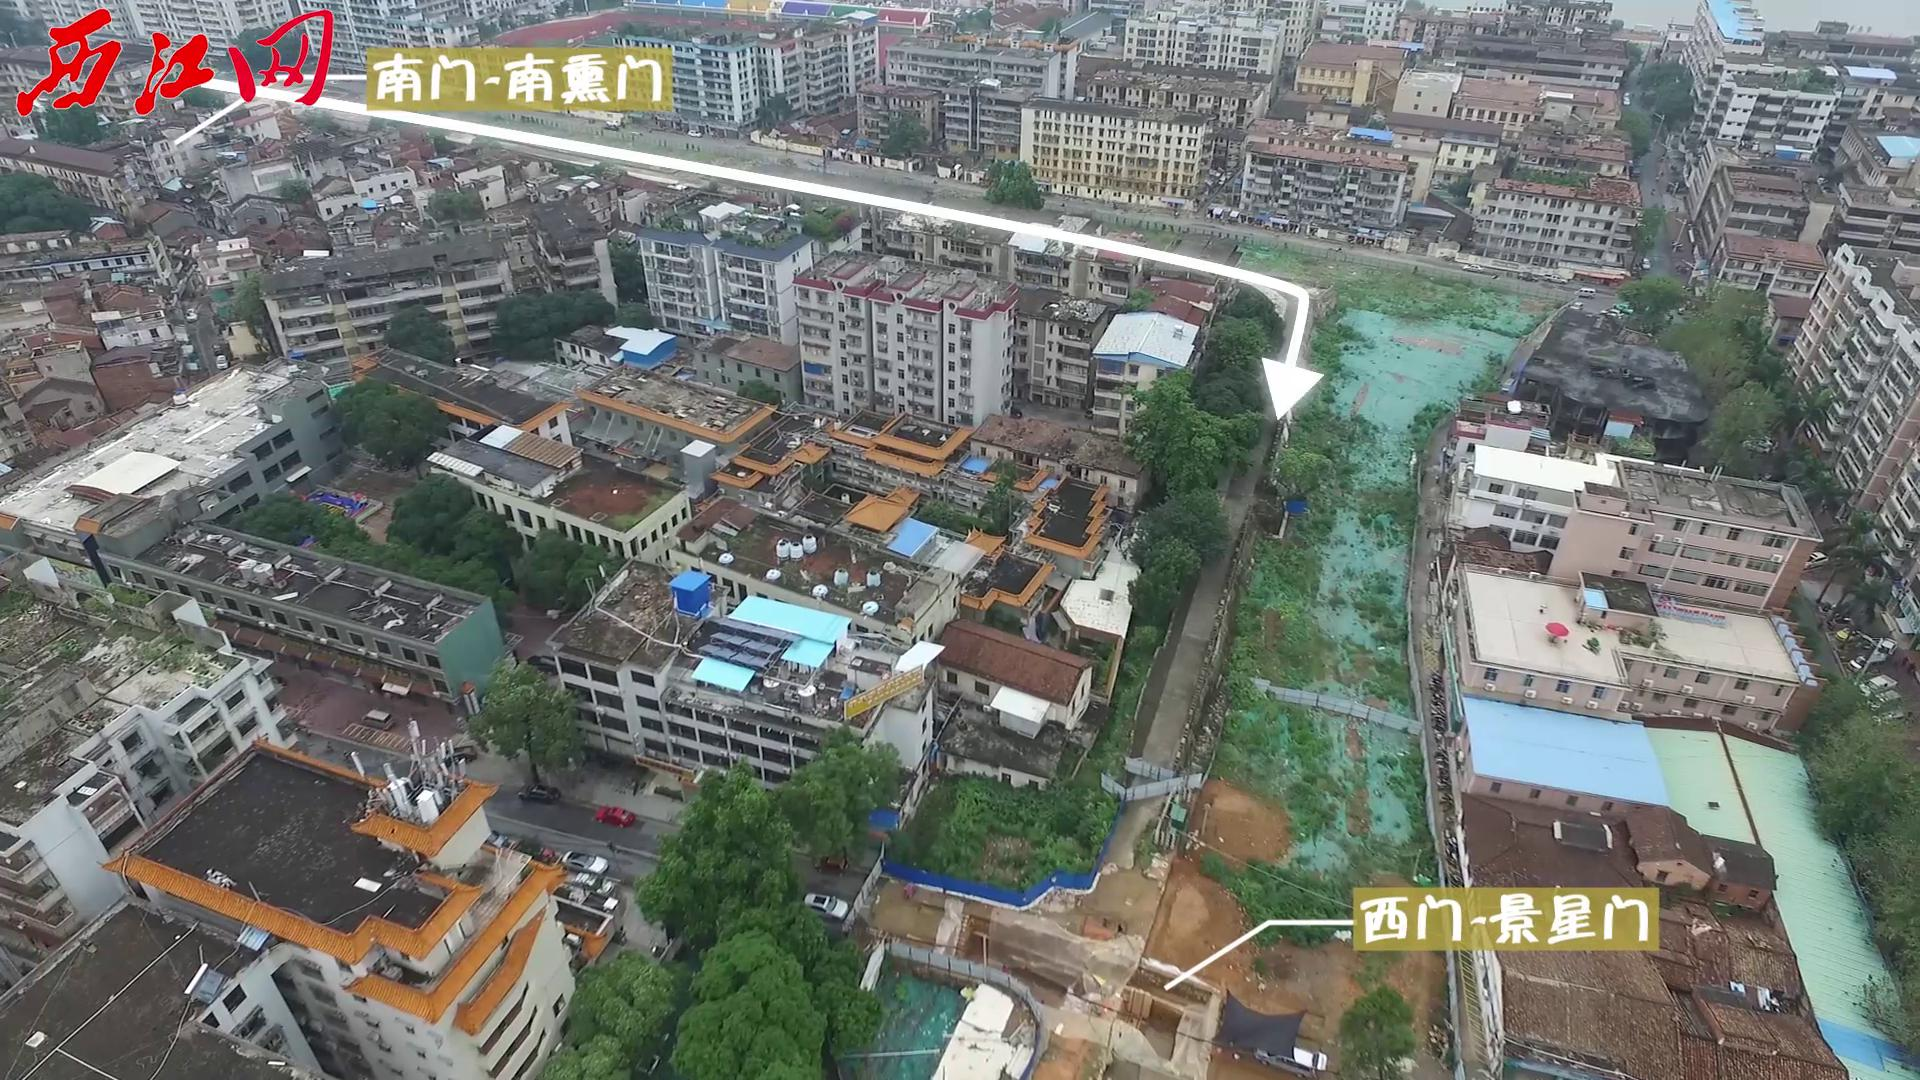 肇庆府城复兴最新航拍(含东南西北门)